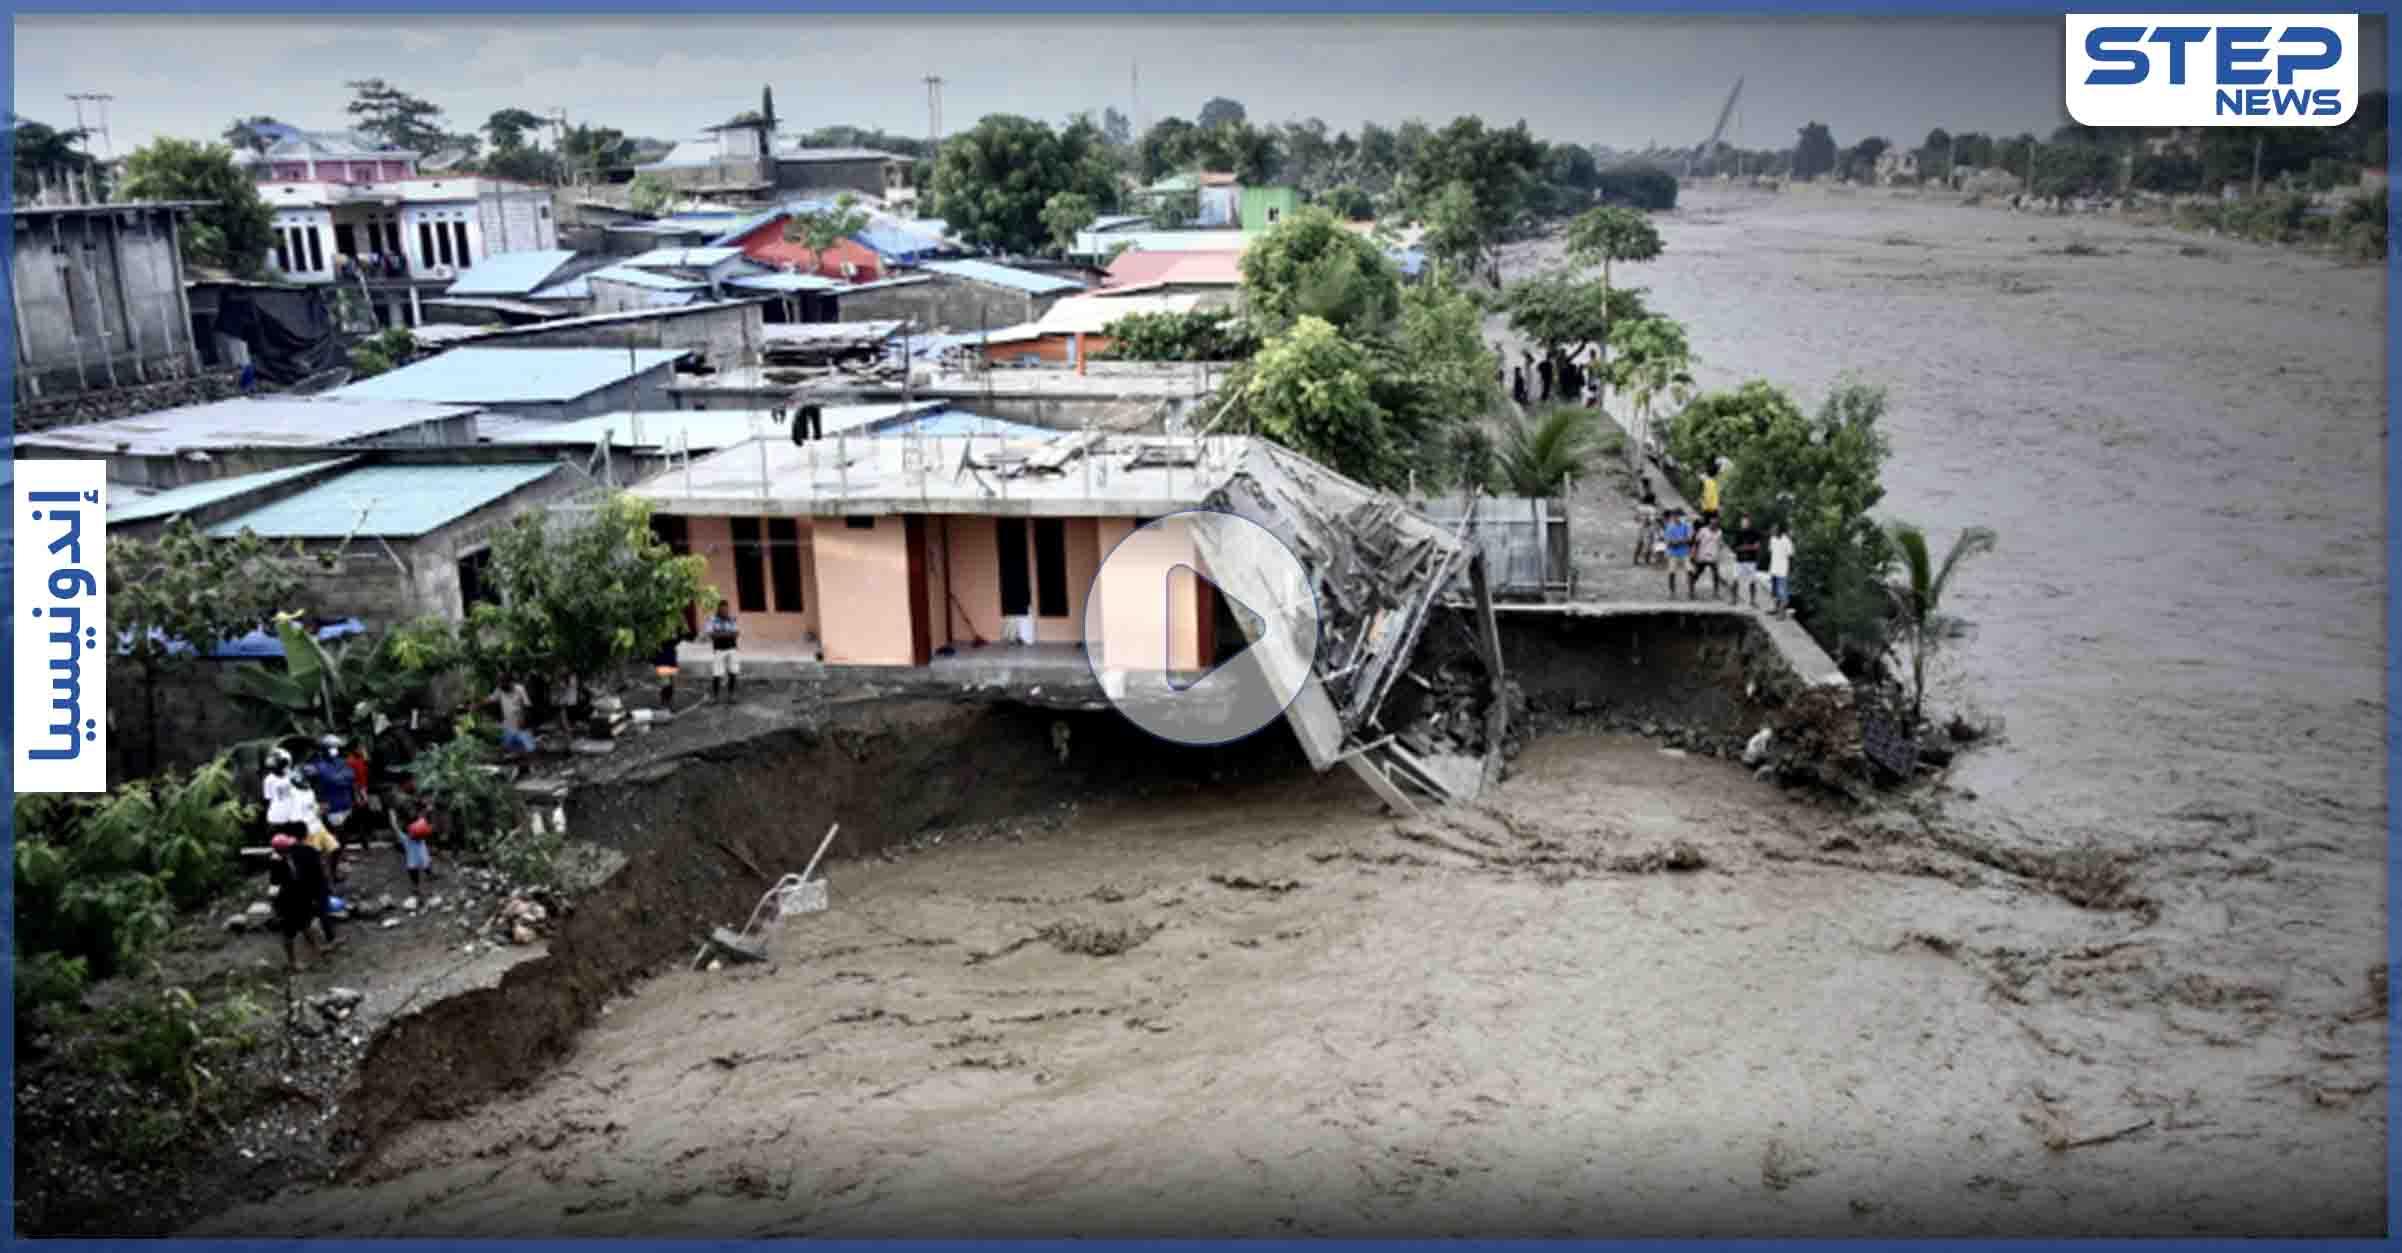 فيضانات هائلة وانهيارات الأرضية في إندونيسيا تخلف أكثر من 75 قتيلاً وعشرات المفقودين (فيديو وصور)